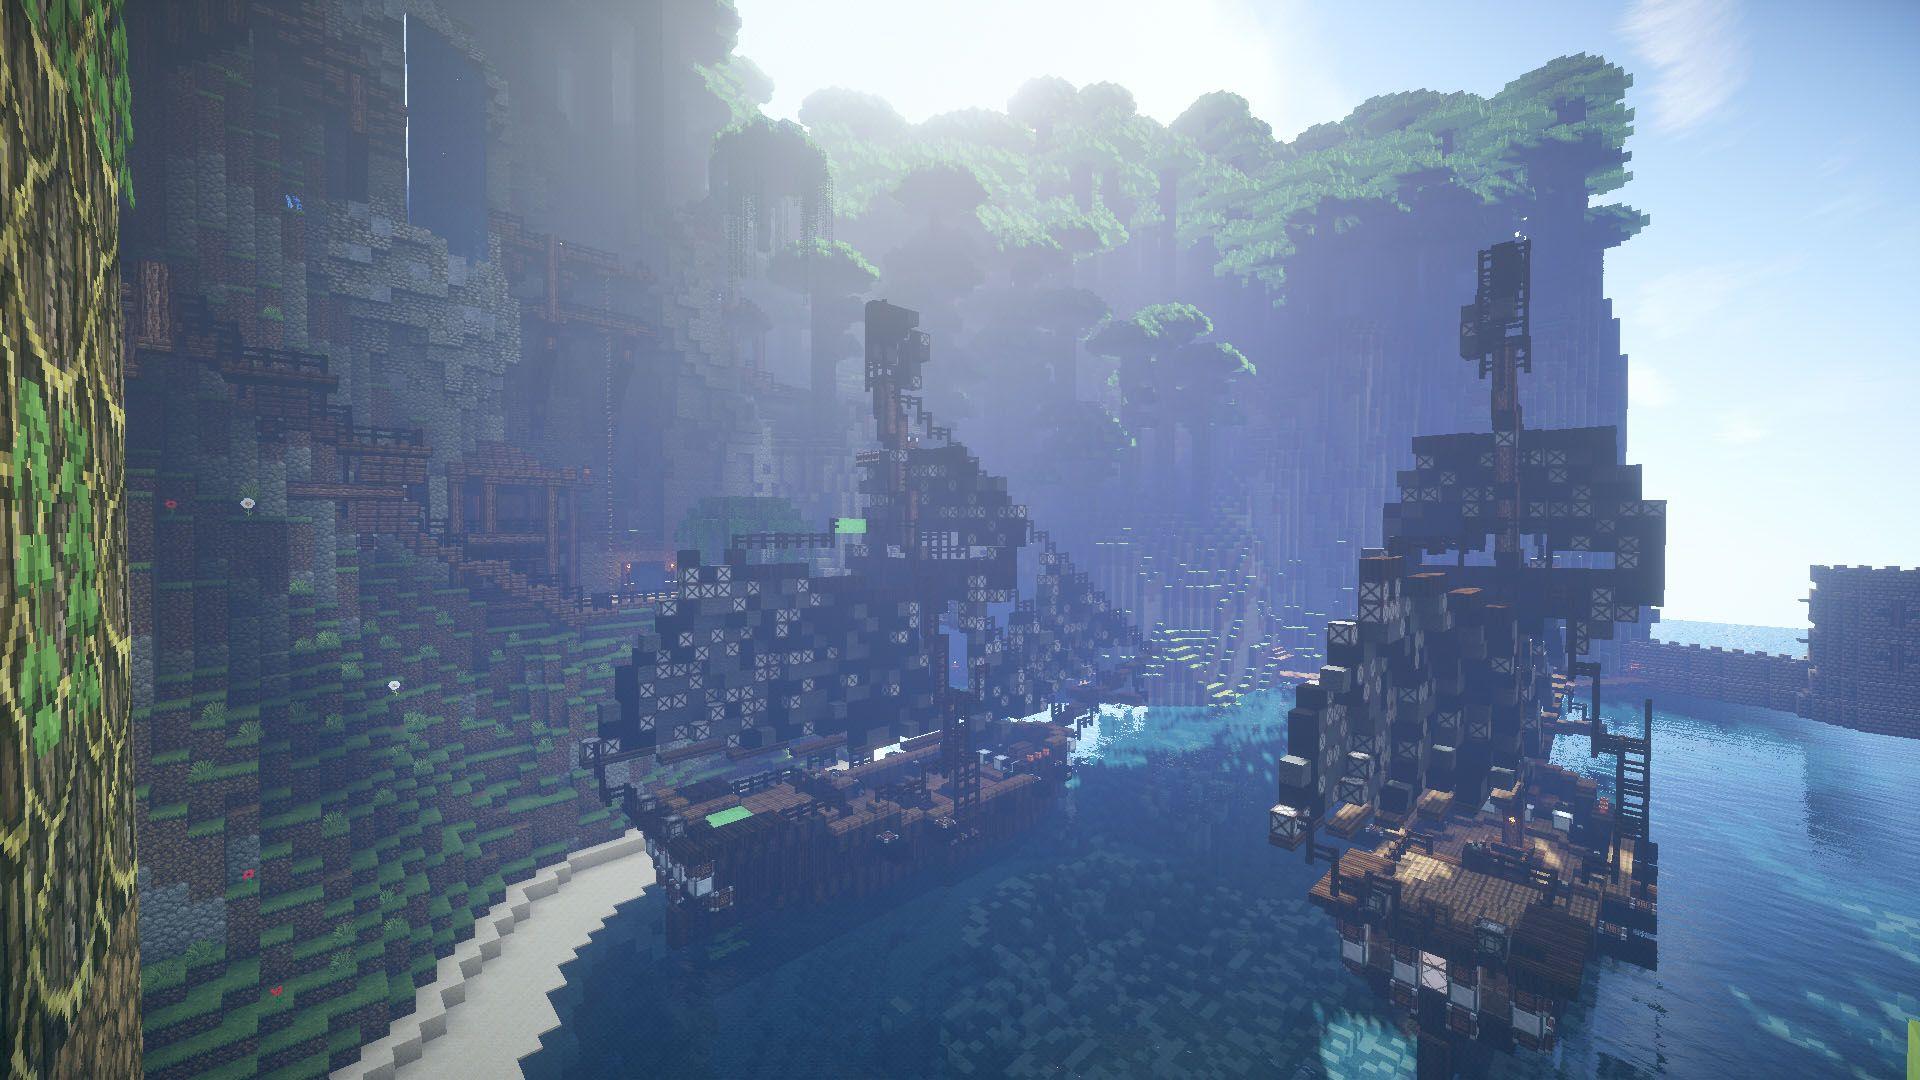 Wonderful Wallpaper Minecraft Landscape - 7633b7d44b8b0644e370b7f1cd029f13  Graphic_206699.jpg